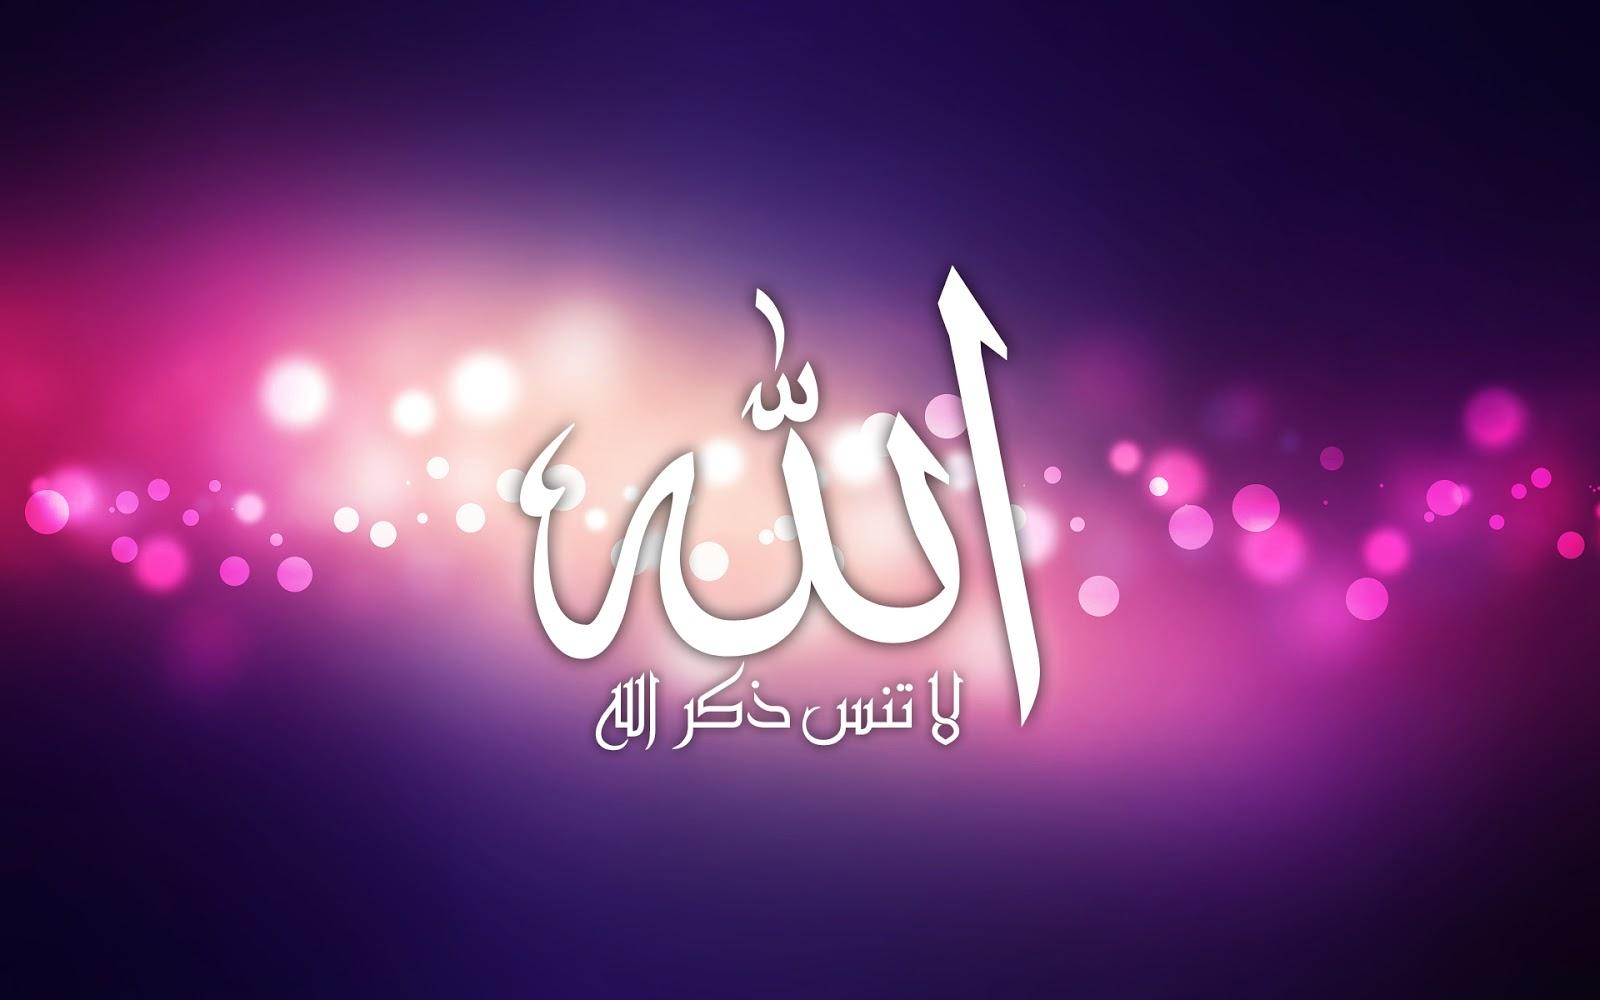 بالصور صور اسلاميه , اجمل الصور التى تخص الاسلام 5402 11